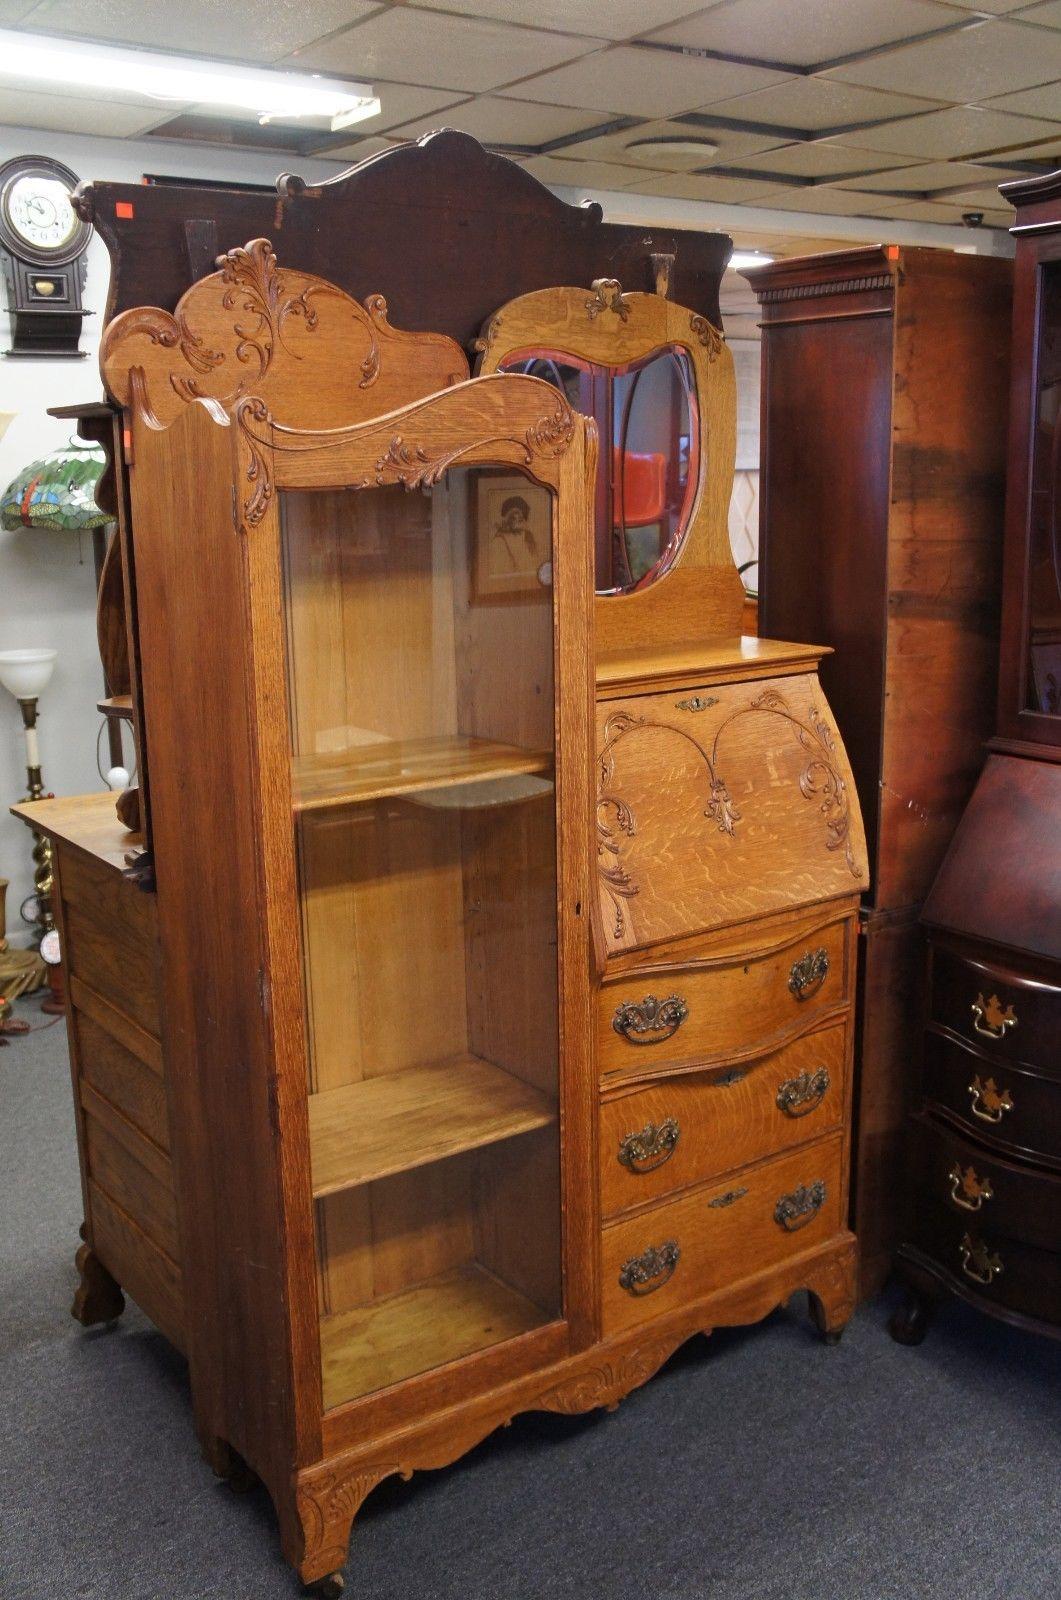 Early 20th C Antique Oak Larkin Secretary Desk & Bookcase Mirrored Arts +  Craft - Early 20th C Antique Oak Larkin Secretary Desk & Bookcase Mirrored